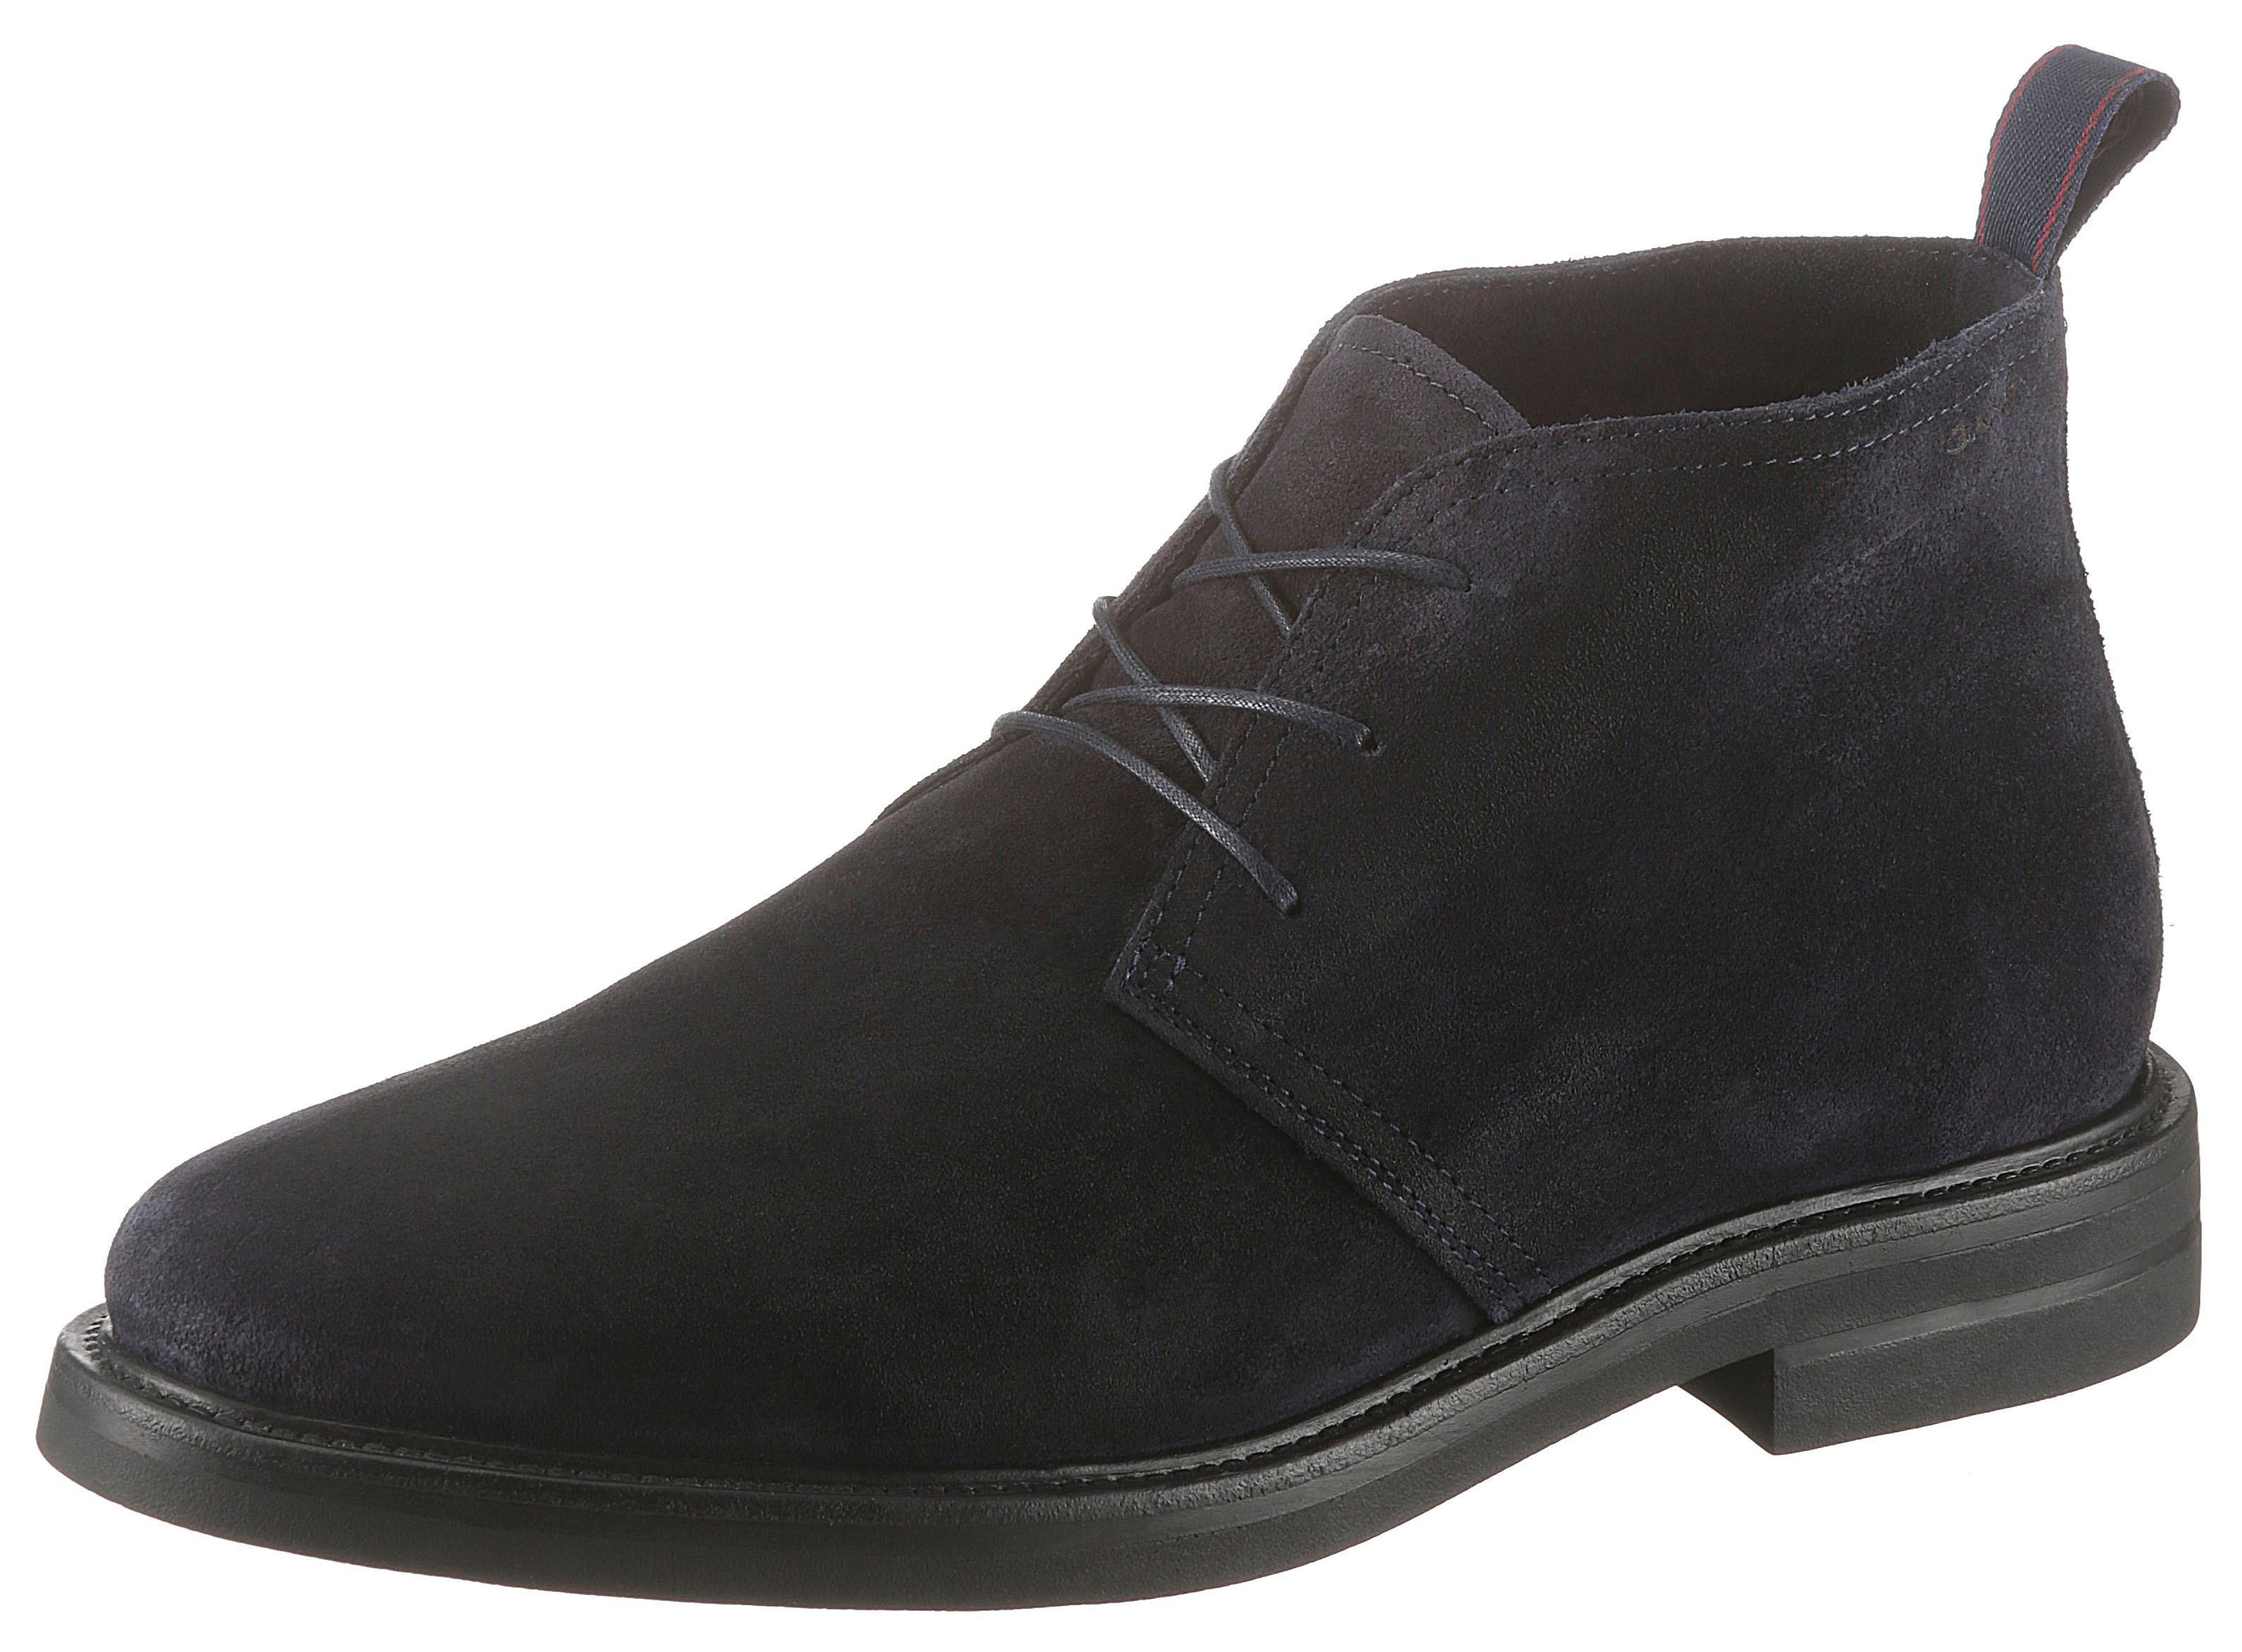 gant footwear -  Schnürstiefelette Fargo, mit wertiger Lederinnenausstattung